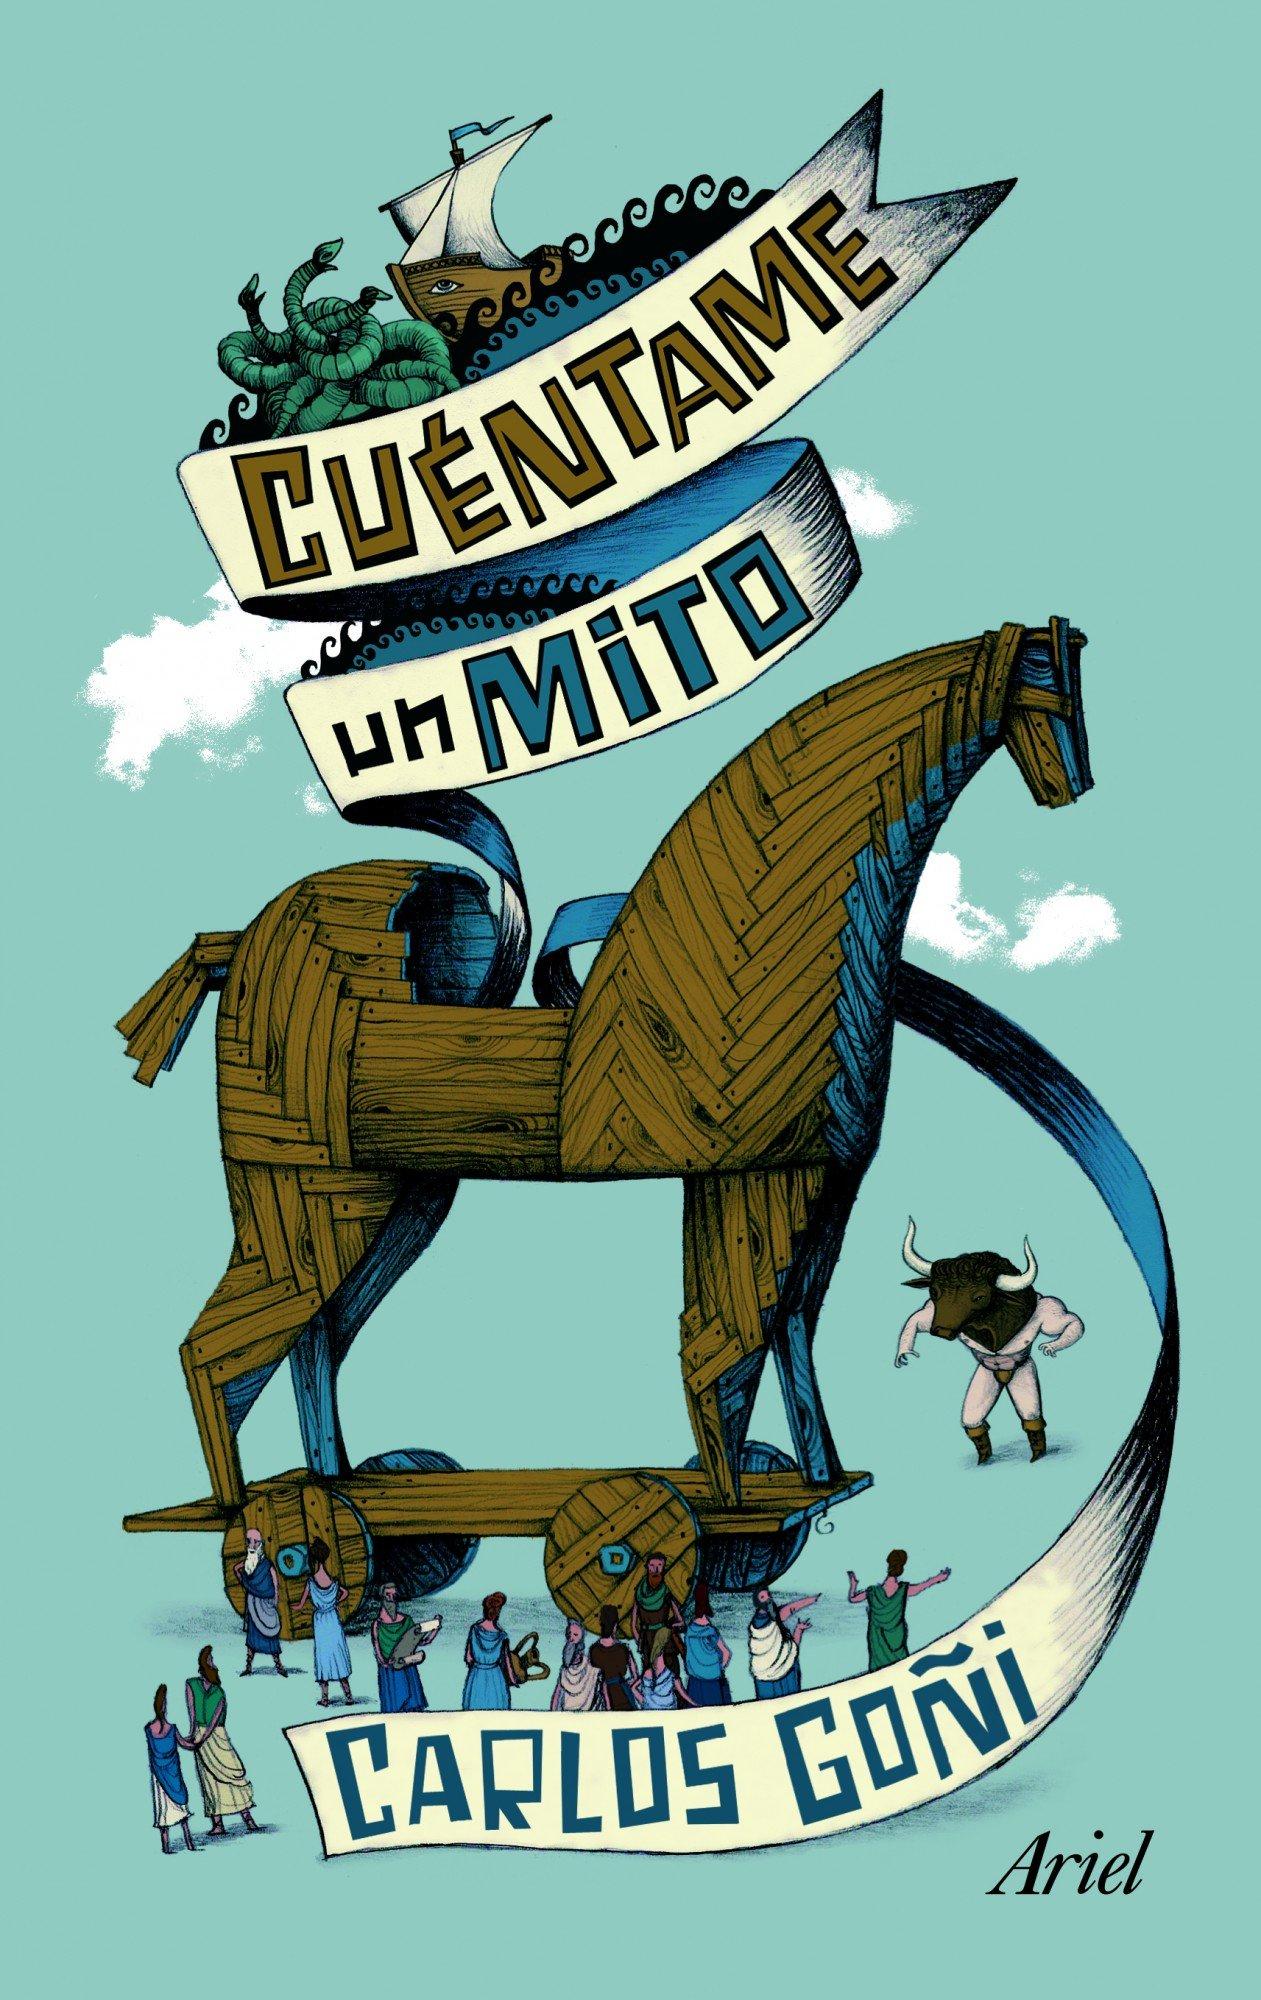 Cuéntame un mito (Claves) Tapa blanda – 20 mar 2001 Carlos Goñi Editorial Ariel 843440057X Anthropology